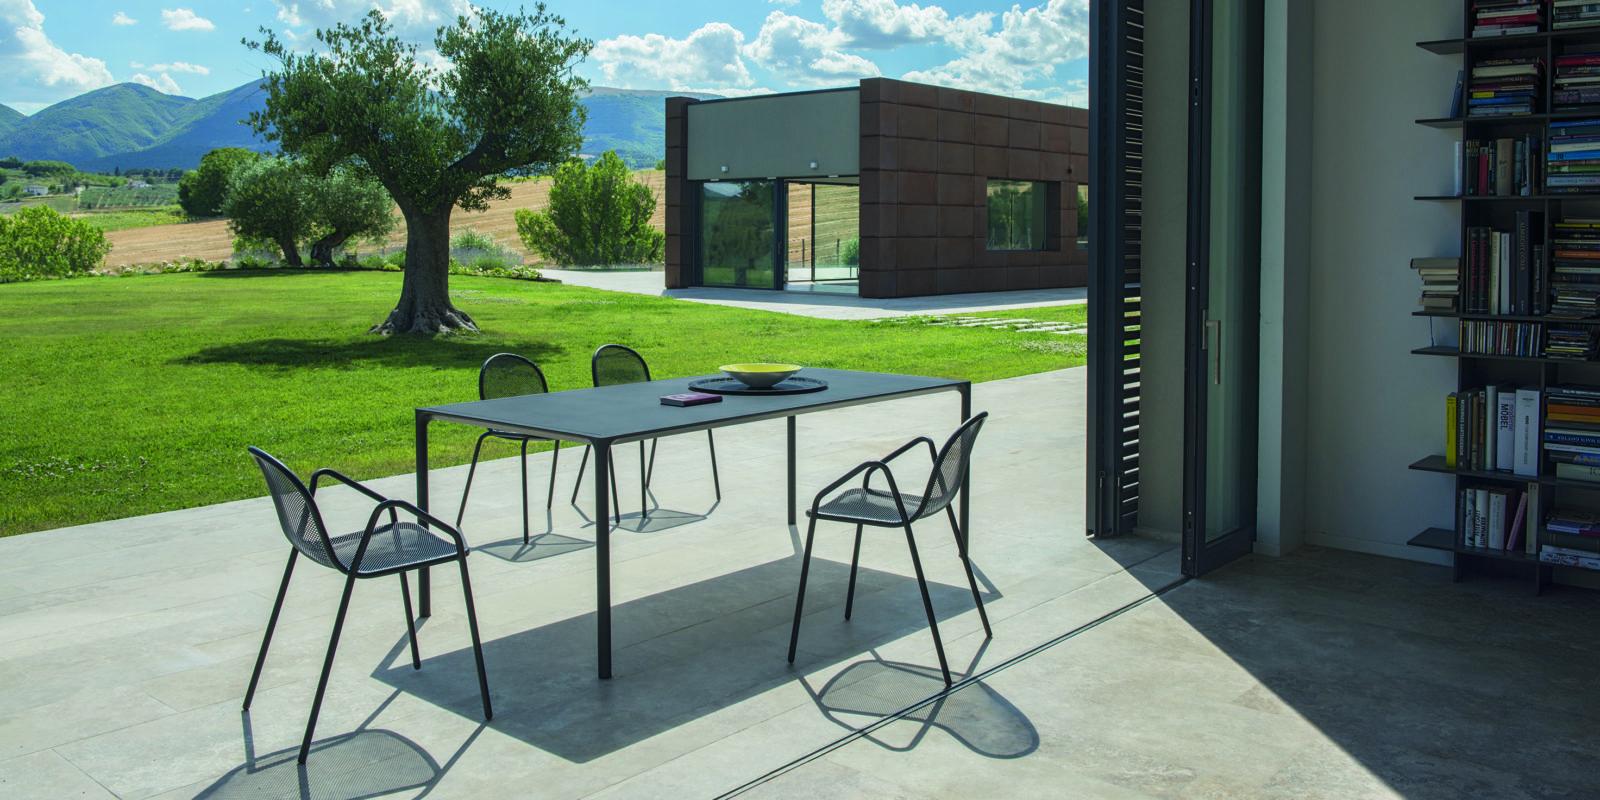 chaise de jardin nova buxus mobilier outdoor bordeaux. Black Bedroom Furniture Sets. Home Design Ideas